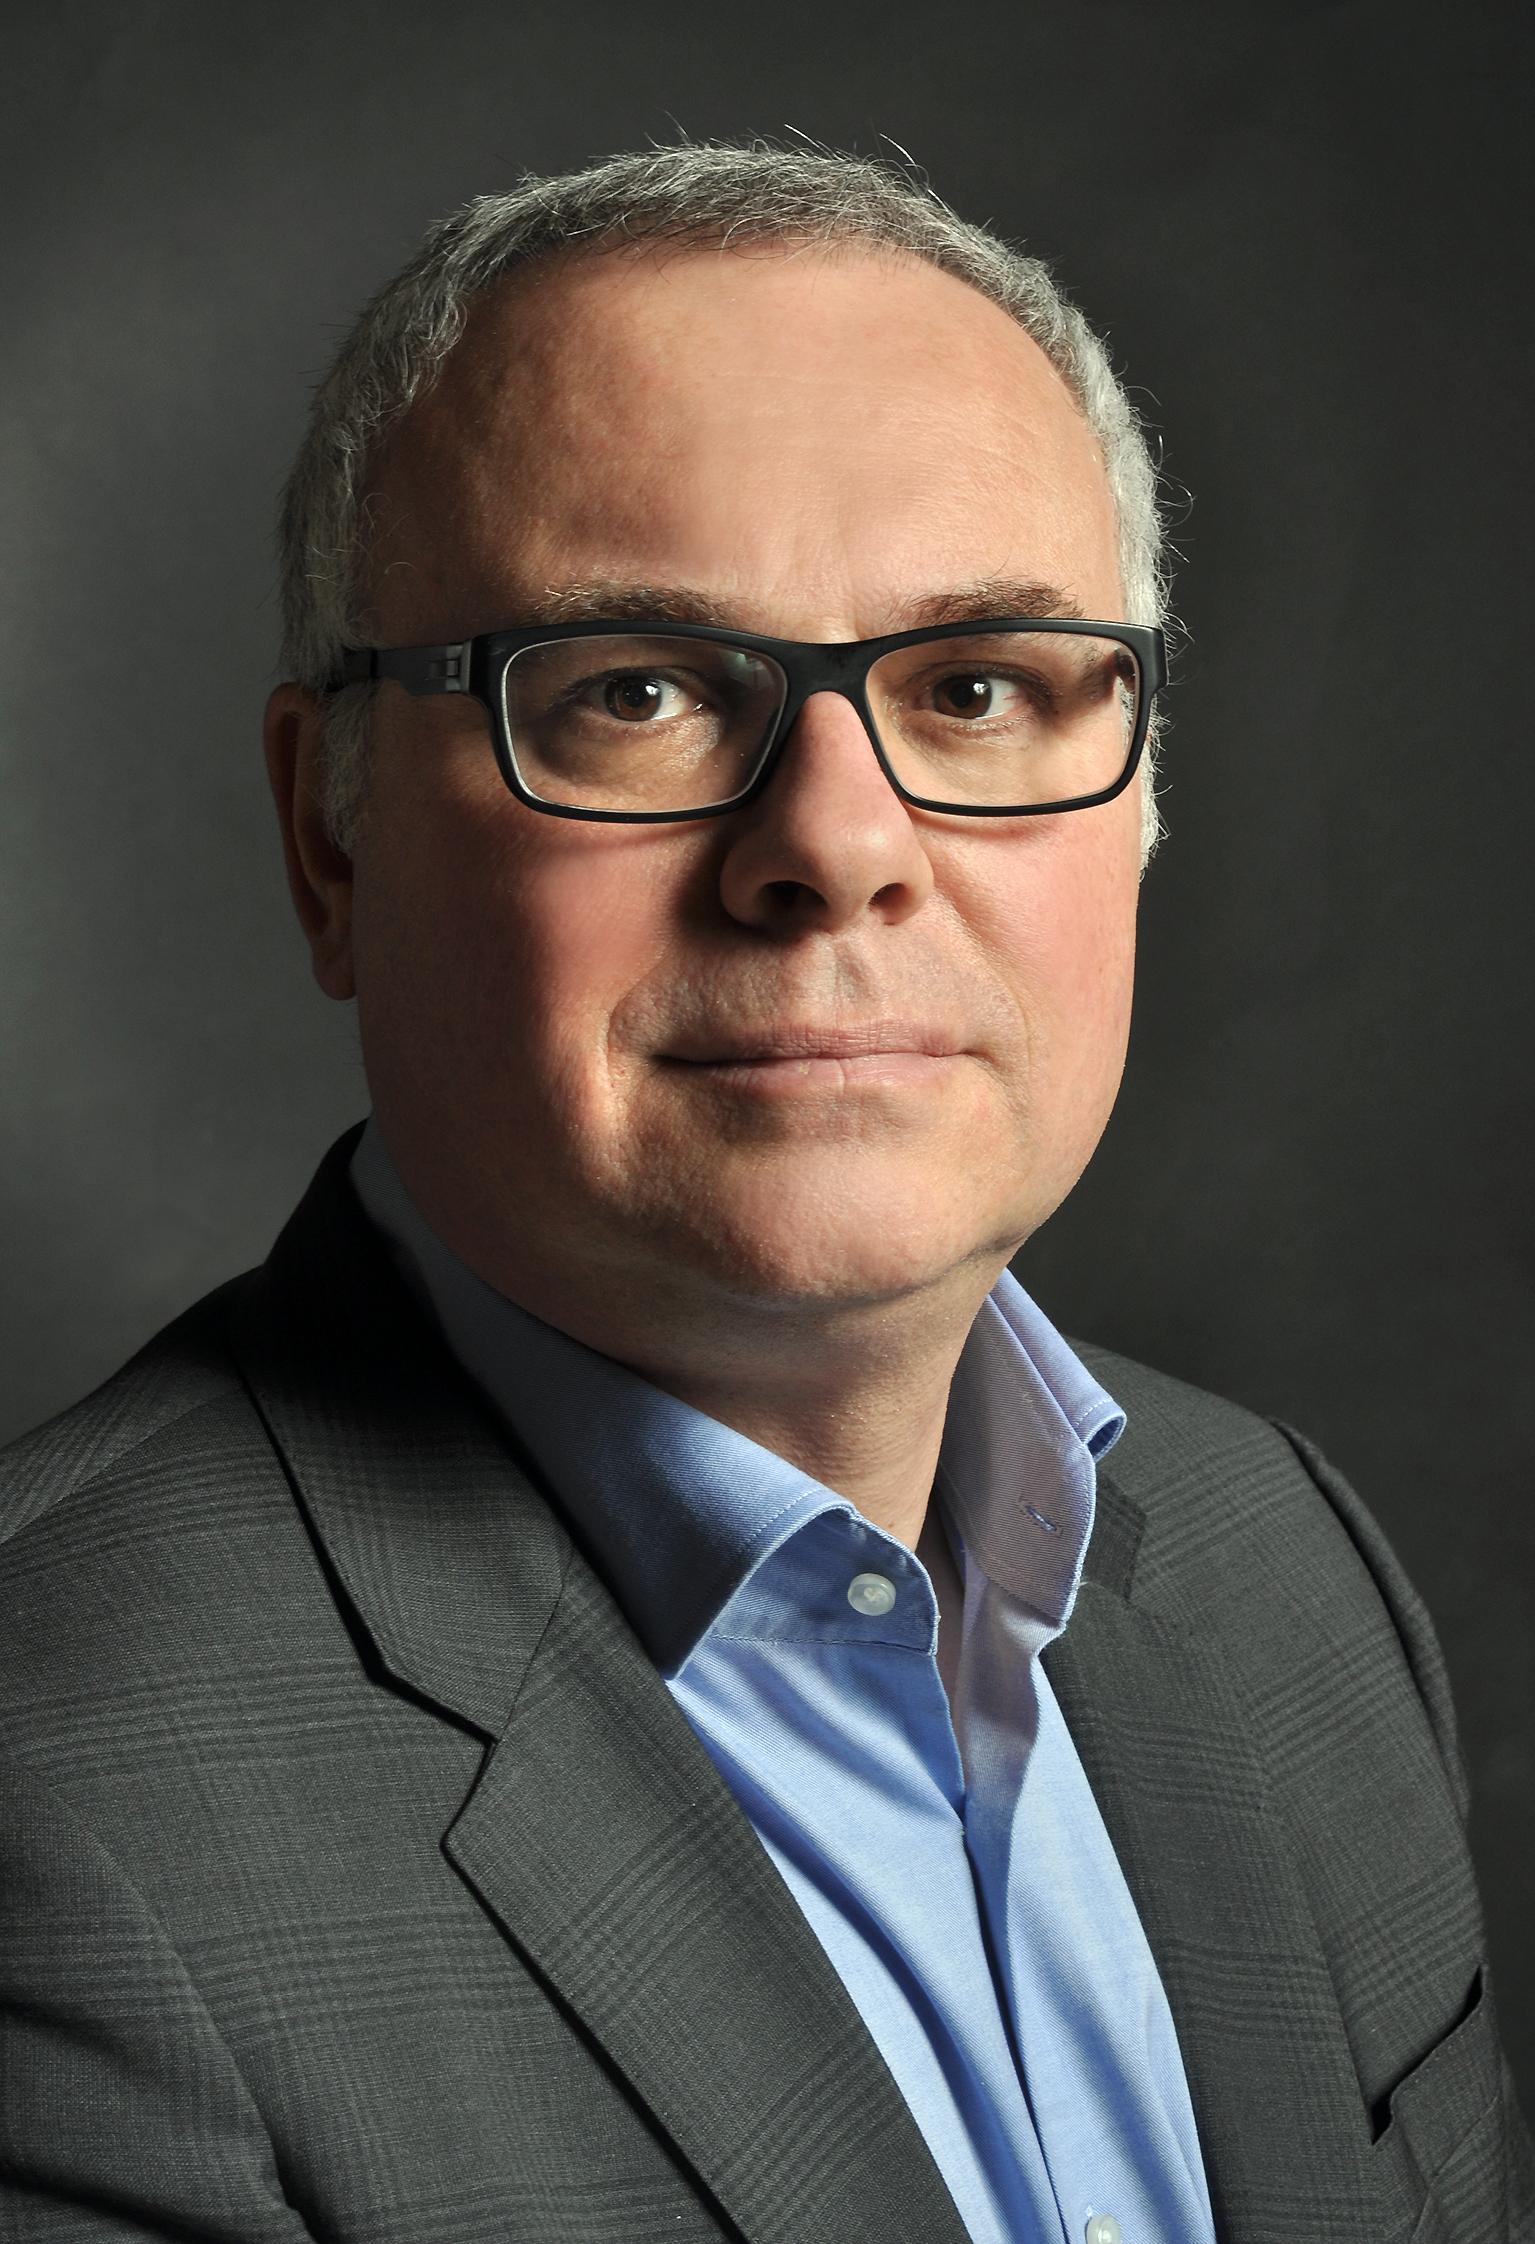 Marc Lefrancois